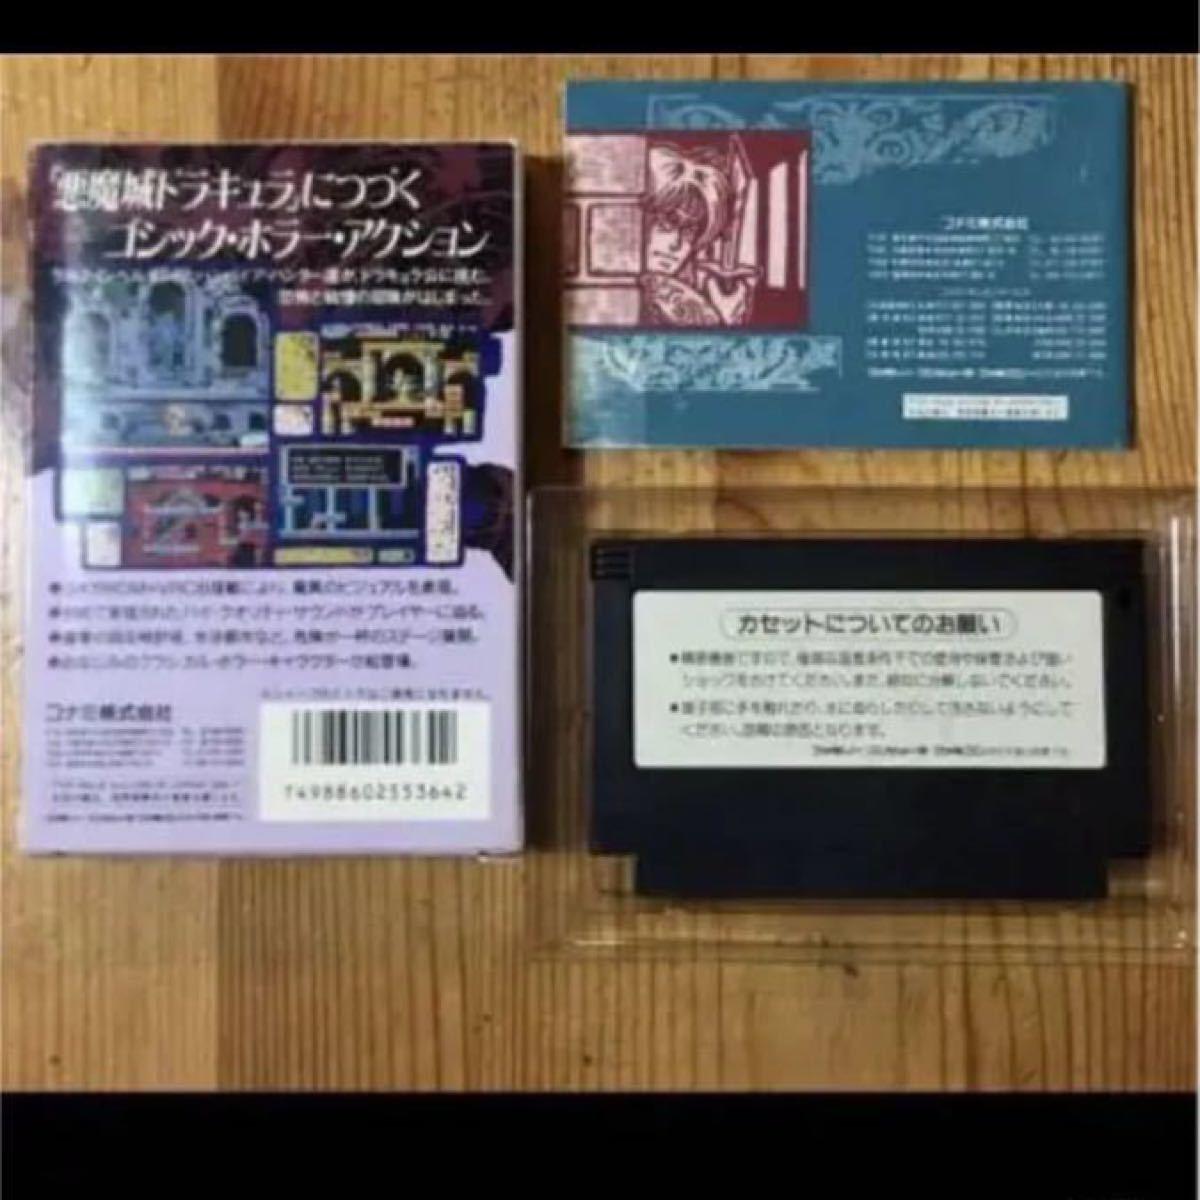 動作確認済みFC 悪魔城伝説 ROM版 箱説付 KONAMI ファミコンソフト